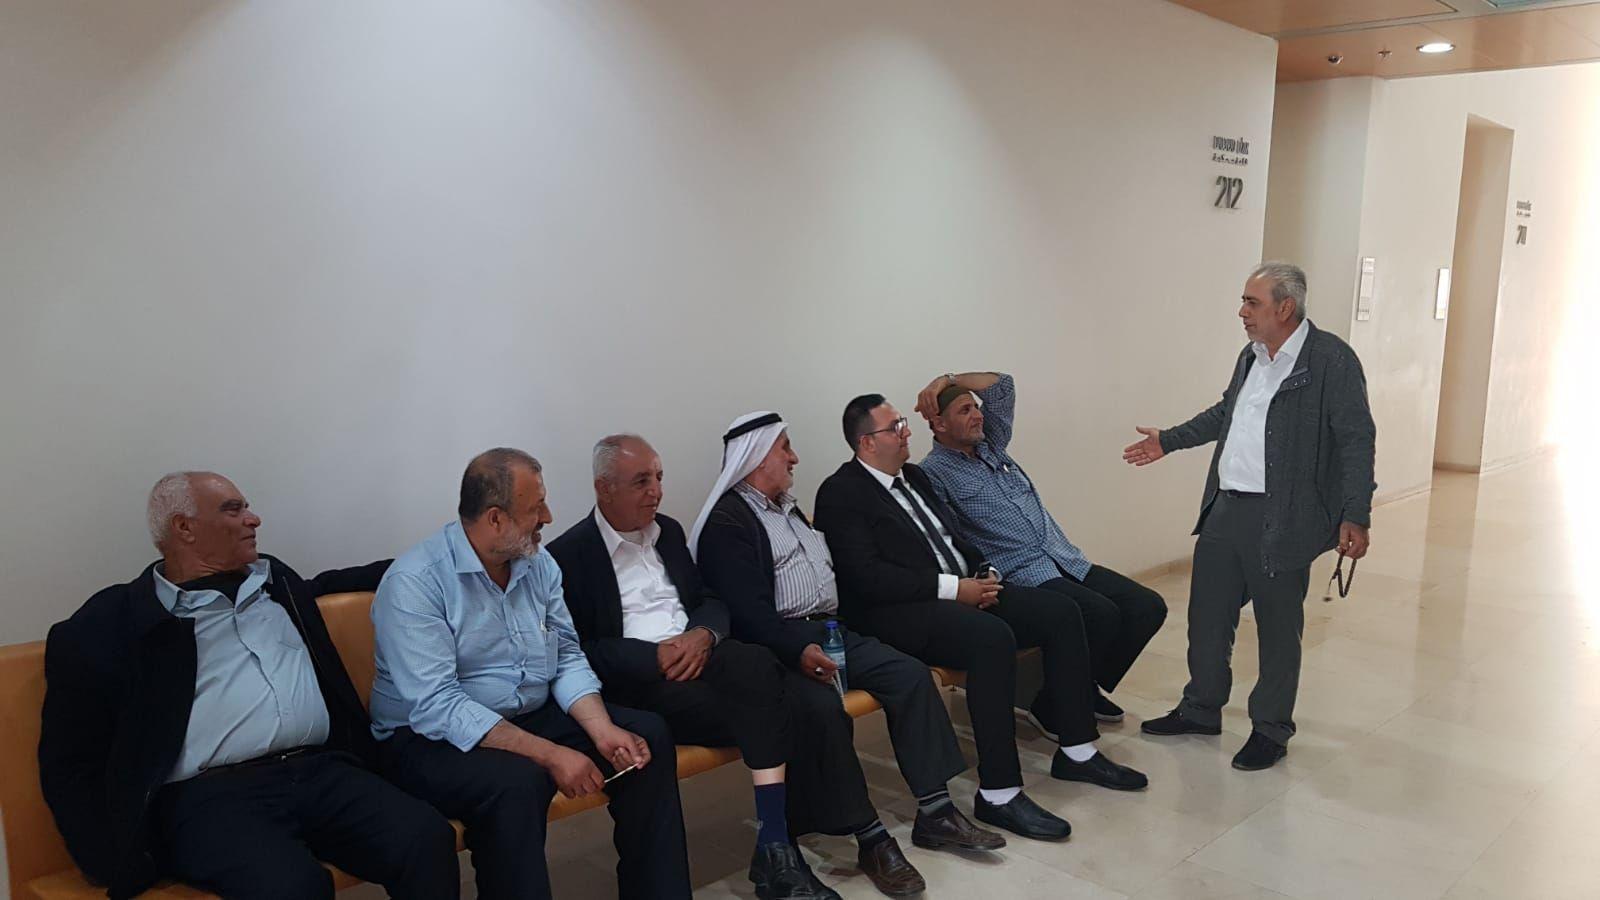 استئناف الاستماع للشهود في محاكمة الشيخ رائد صلاح